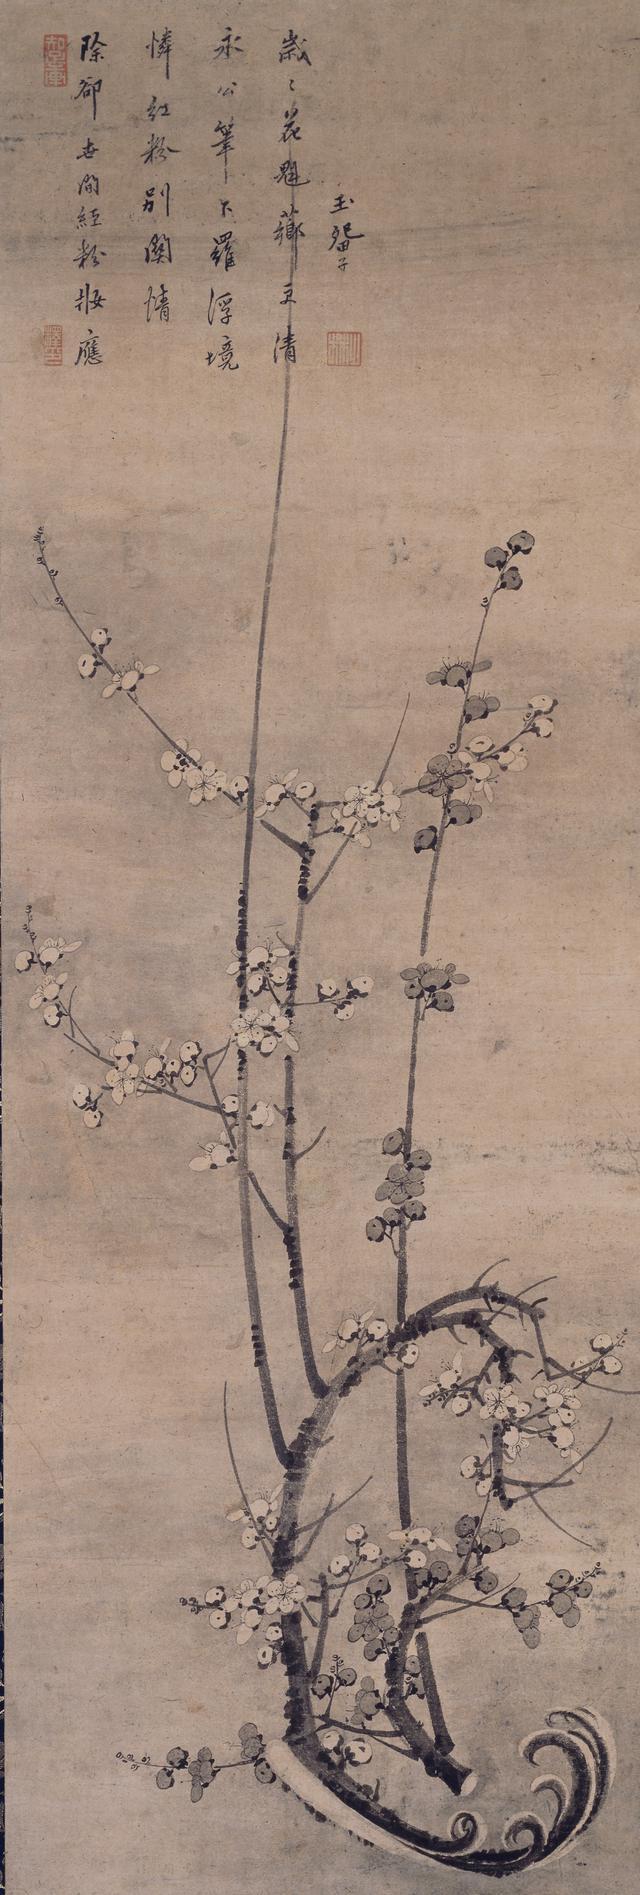 画像: 《墨梅図》 玉畹梵芳賛 一幅 紙本墨画 室町時代 十五世紀 慈照寺蔵